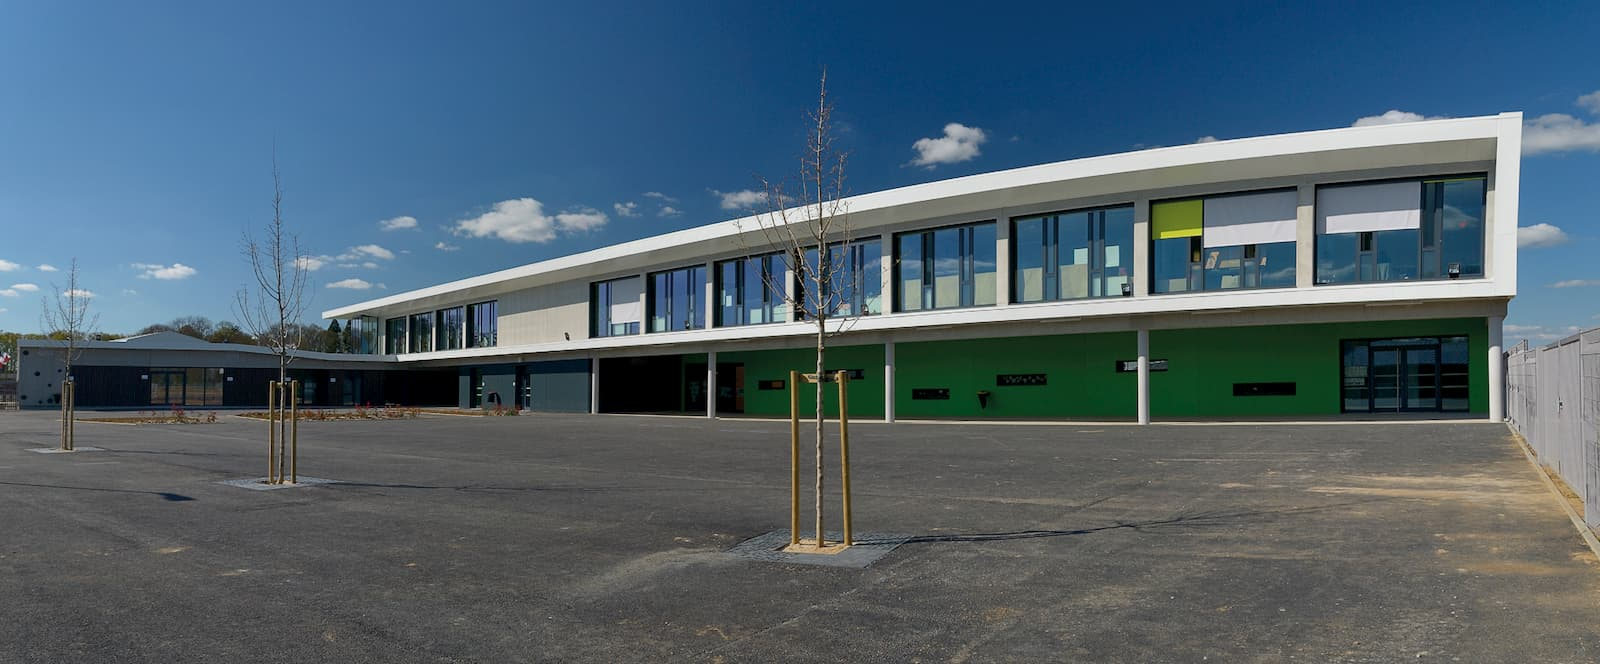 Construction d'un groupe scolaire à Voves en Eure-et-Loir (28)